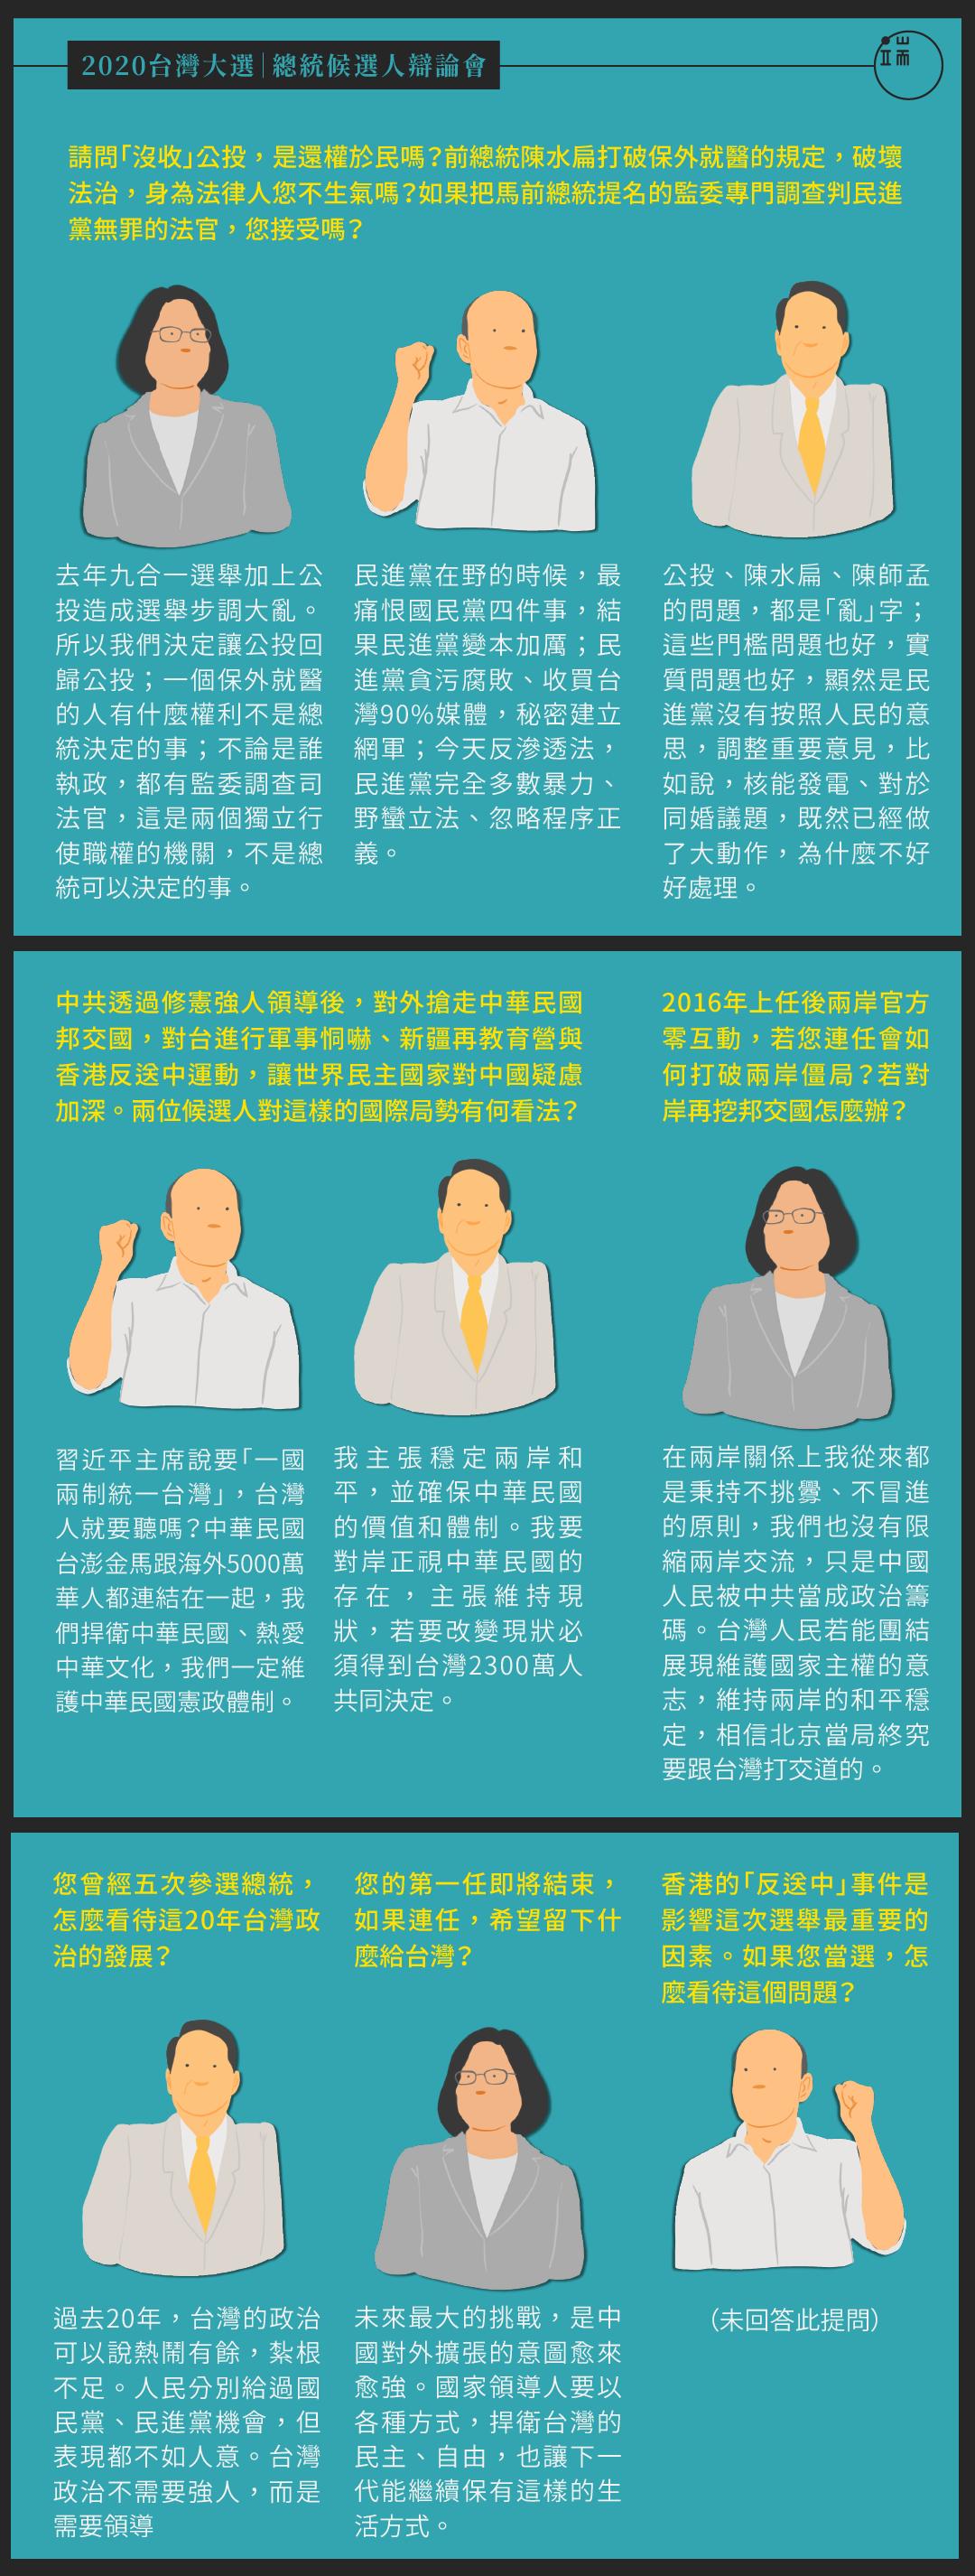 台灣總統大選電視辯論:媒體提問。